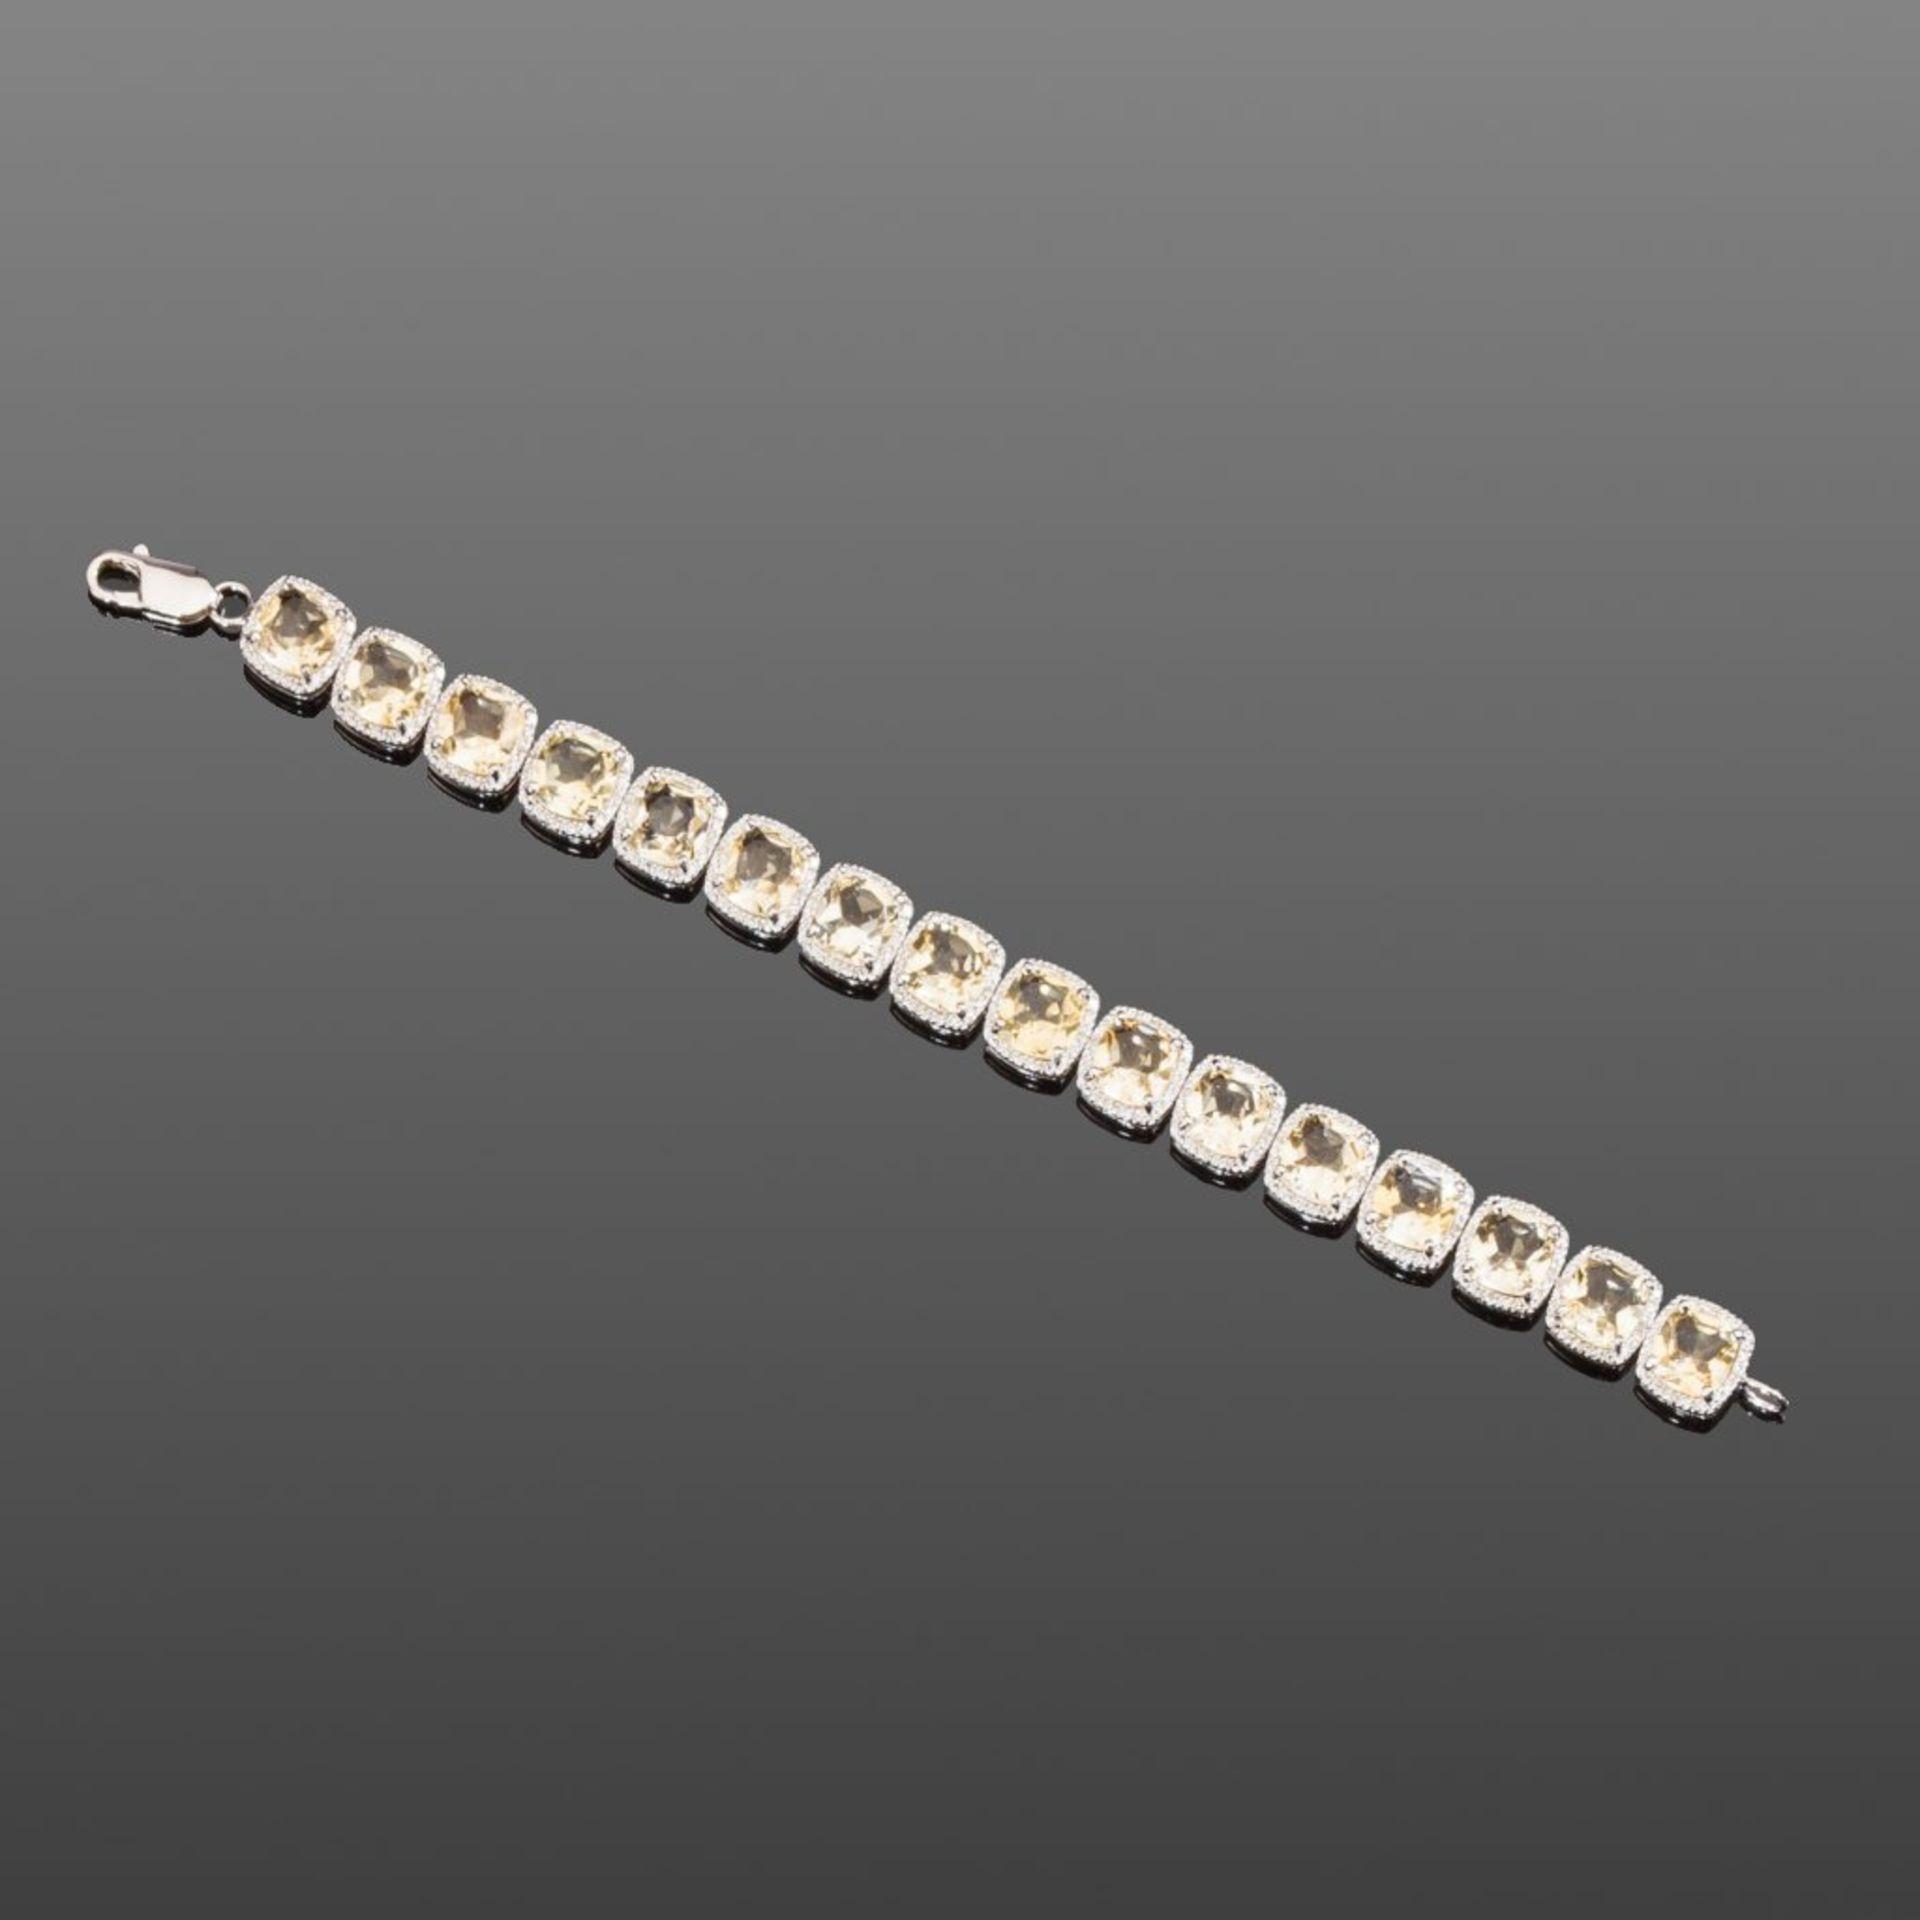 Citrin-/Diamantarmband. 16 helle Citrine im Kissenschliff, ca. 32 ct. Kleine Diamanten ca. 0,25